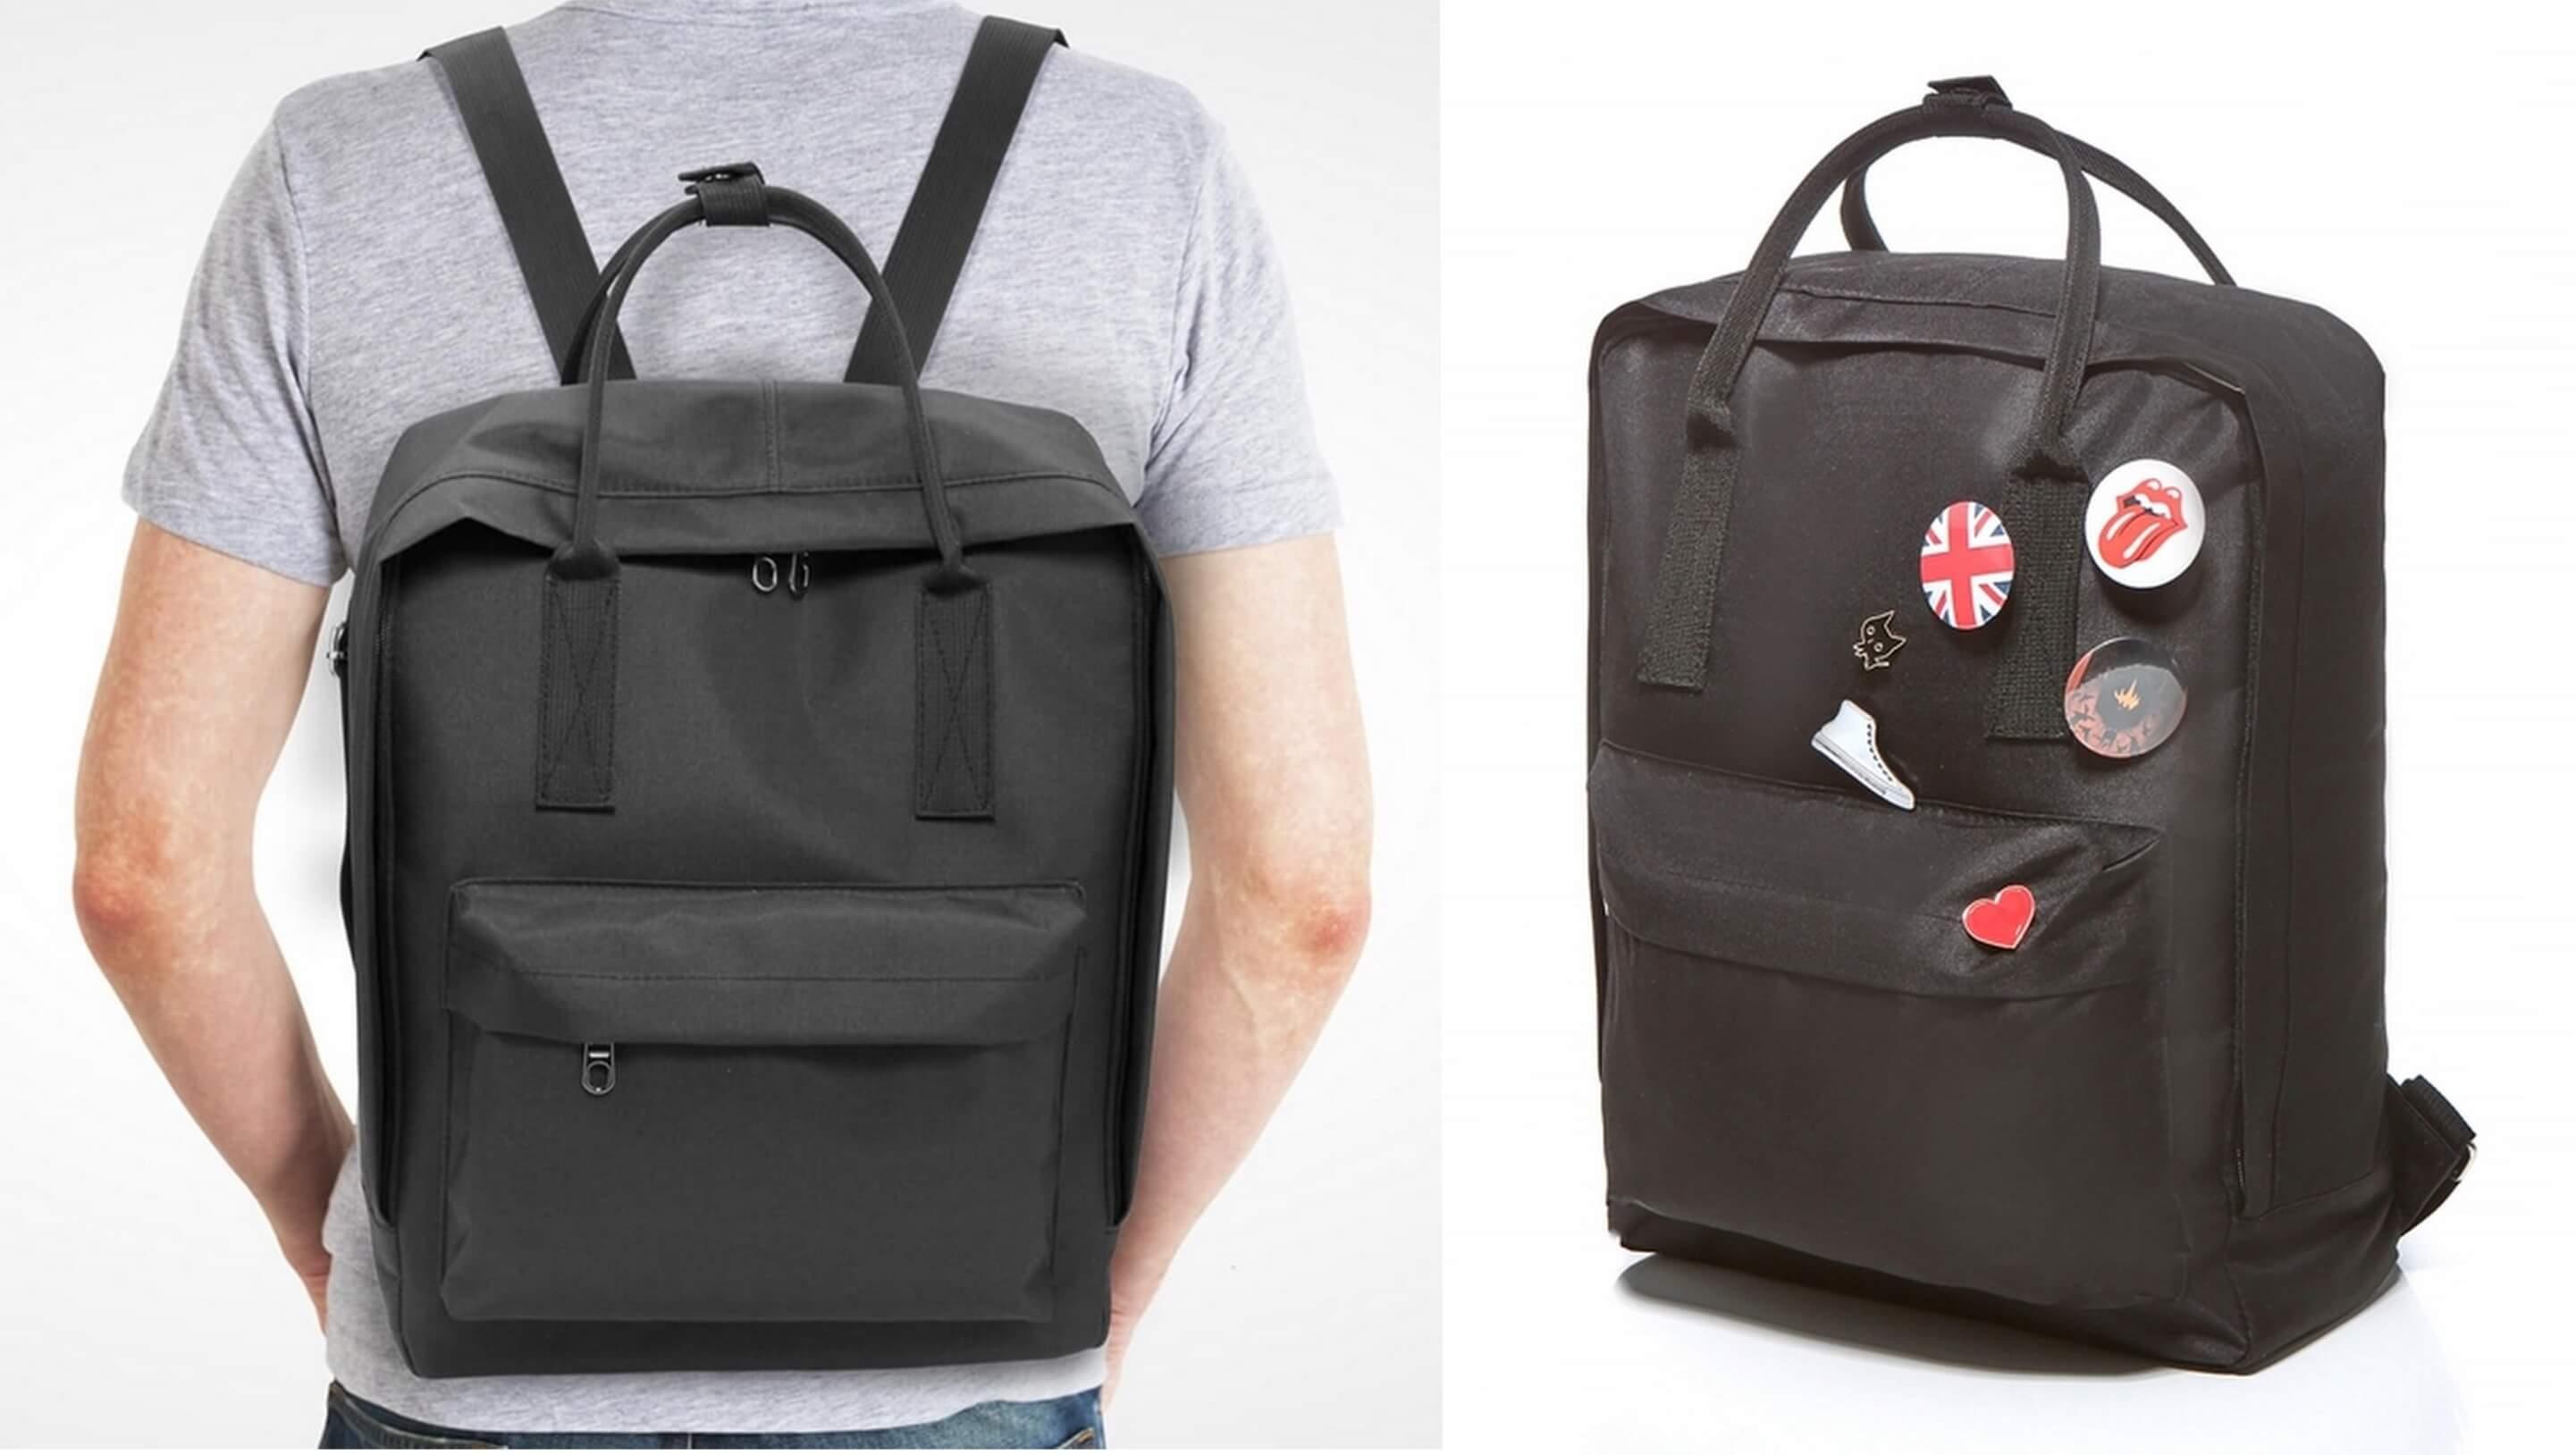 d1ddf131c3bcc Plecak Kanken Fjallraven. Czy wydać 350zł na plecak?